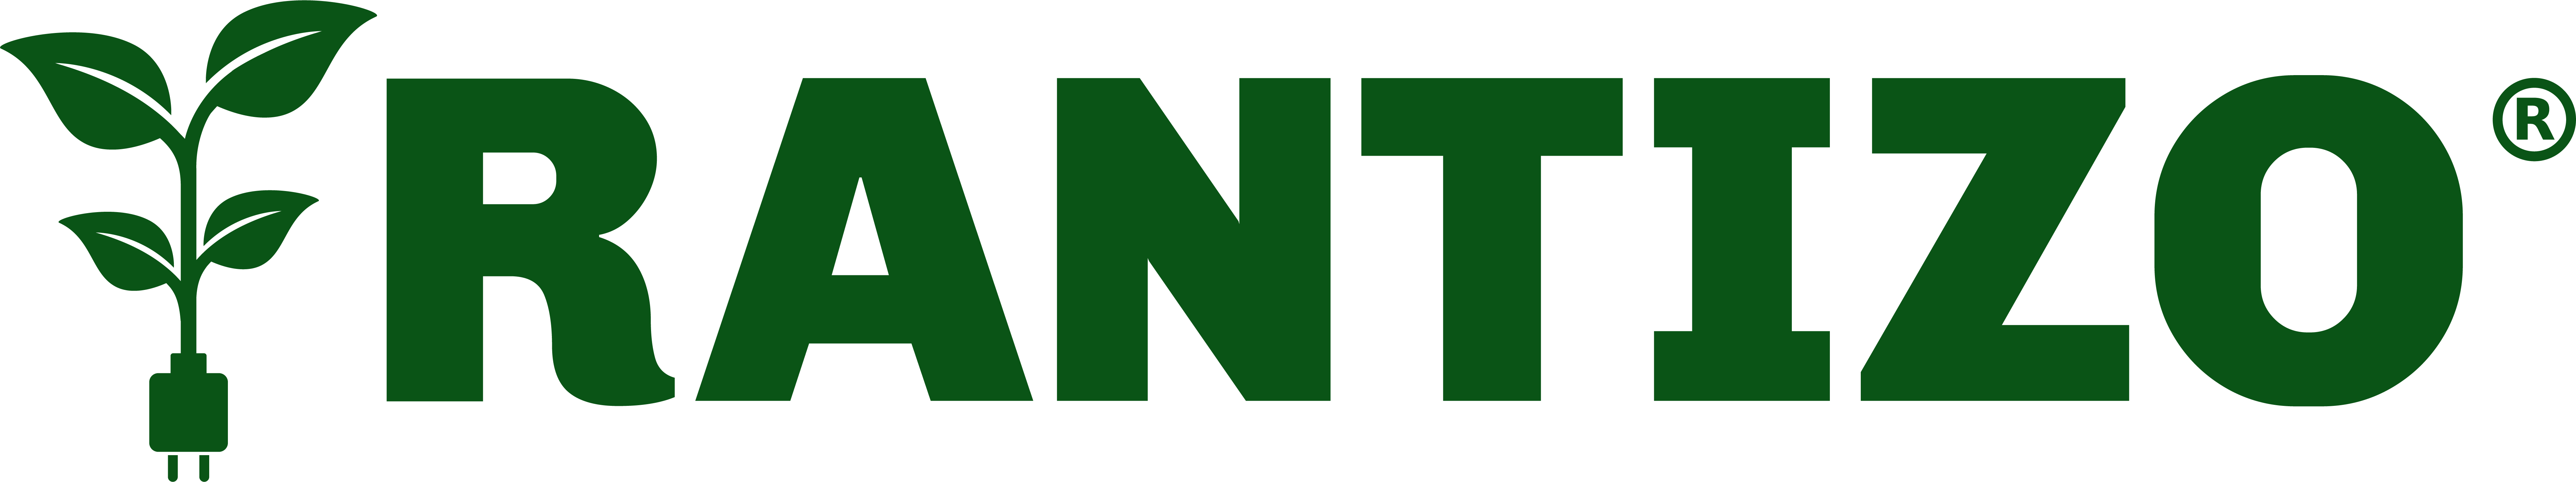 RANTIZO logo - WE DELIVER SOLUTIONS